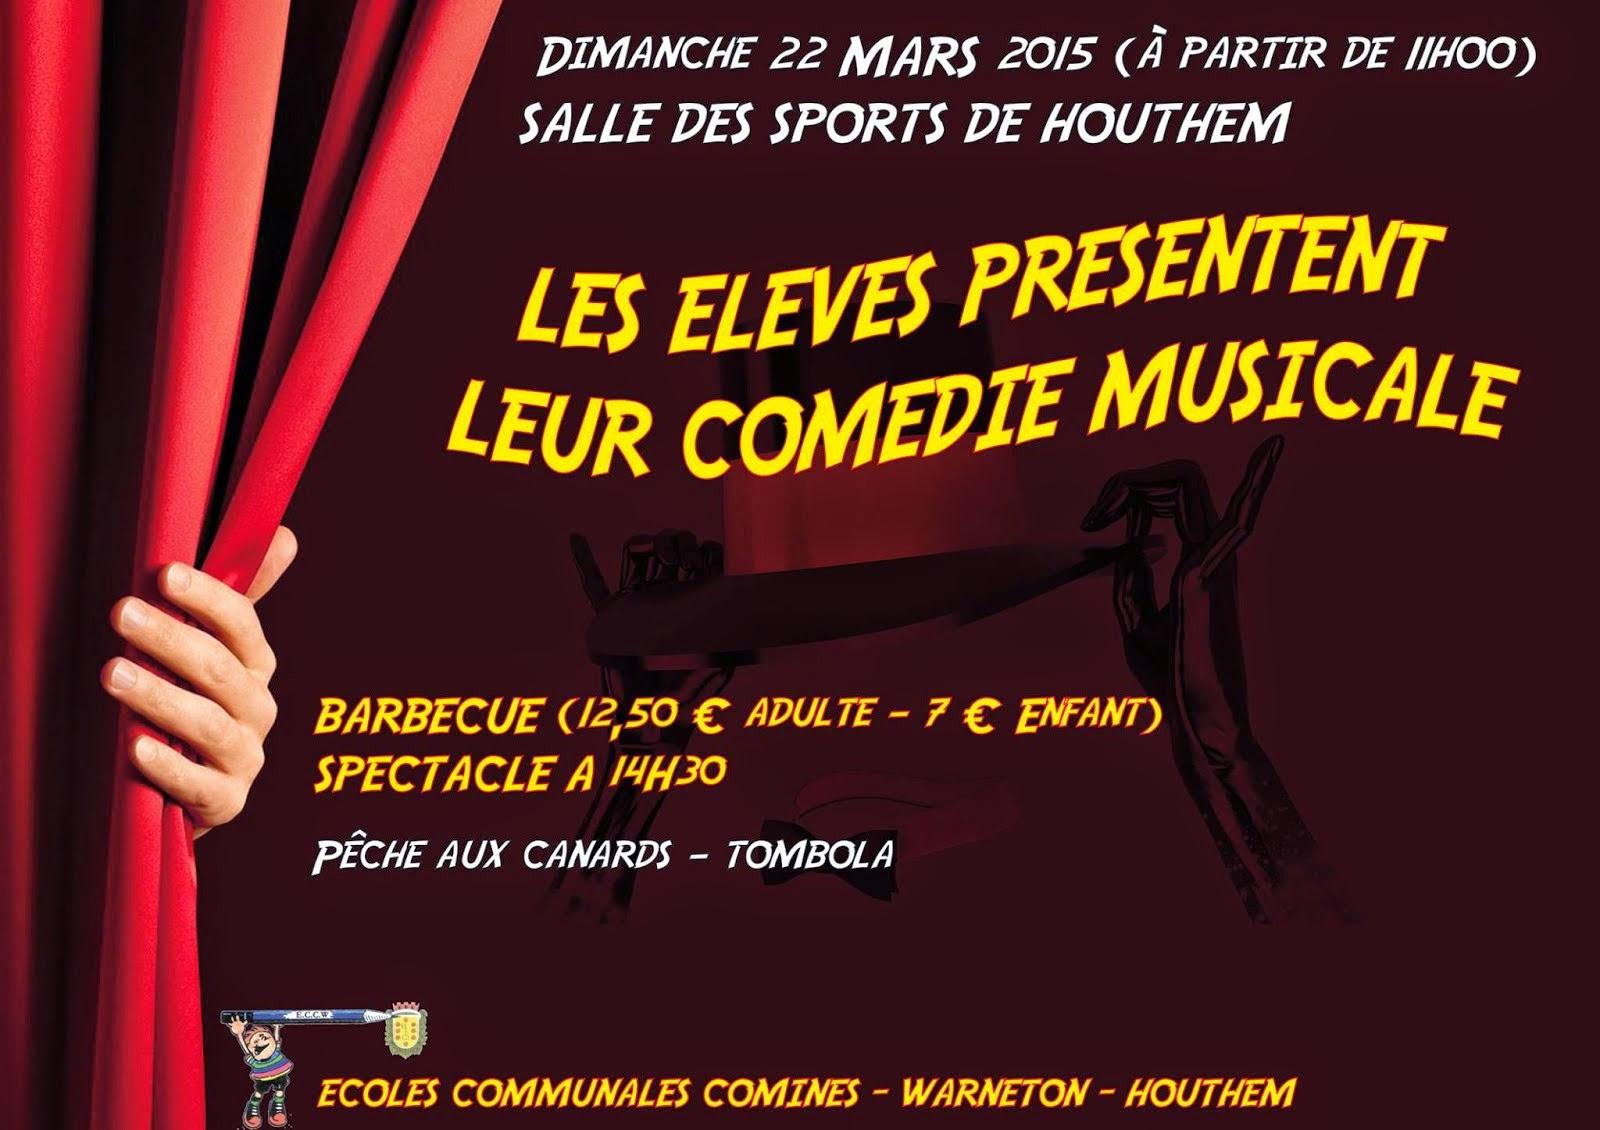 22 mars HOUTHEM Salle des Sports repas et comédie musicale par les écoles communales.